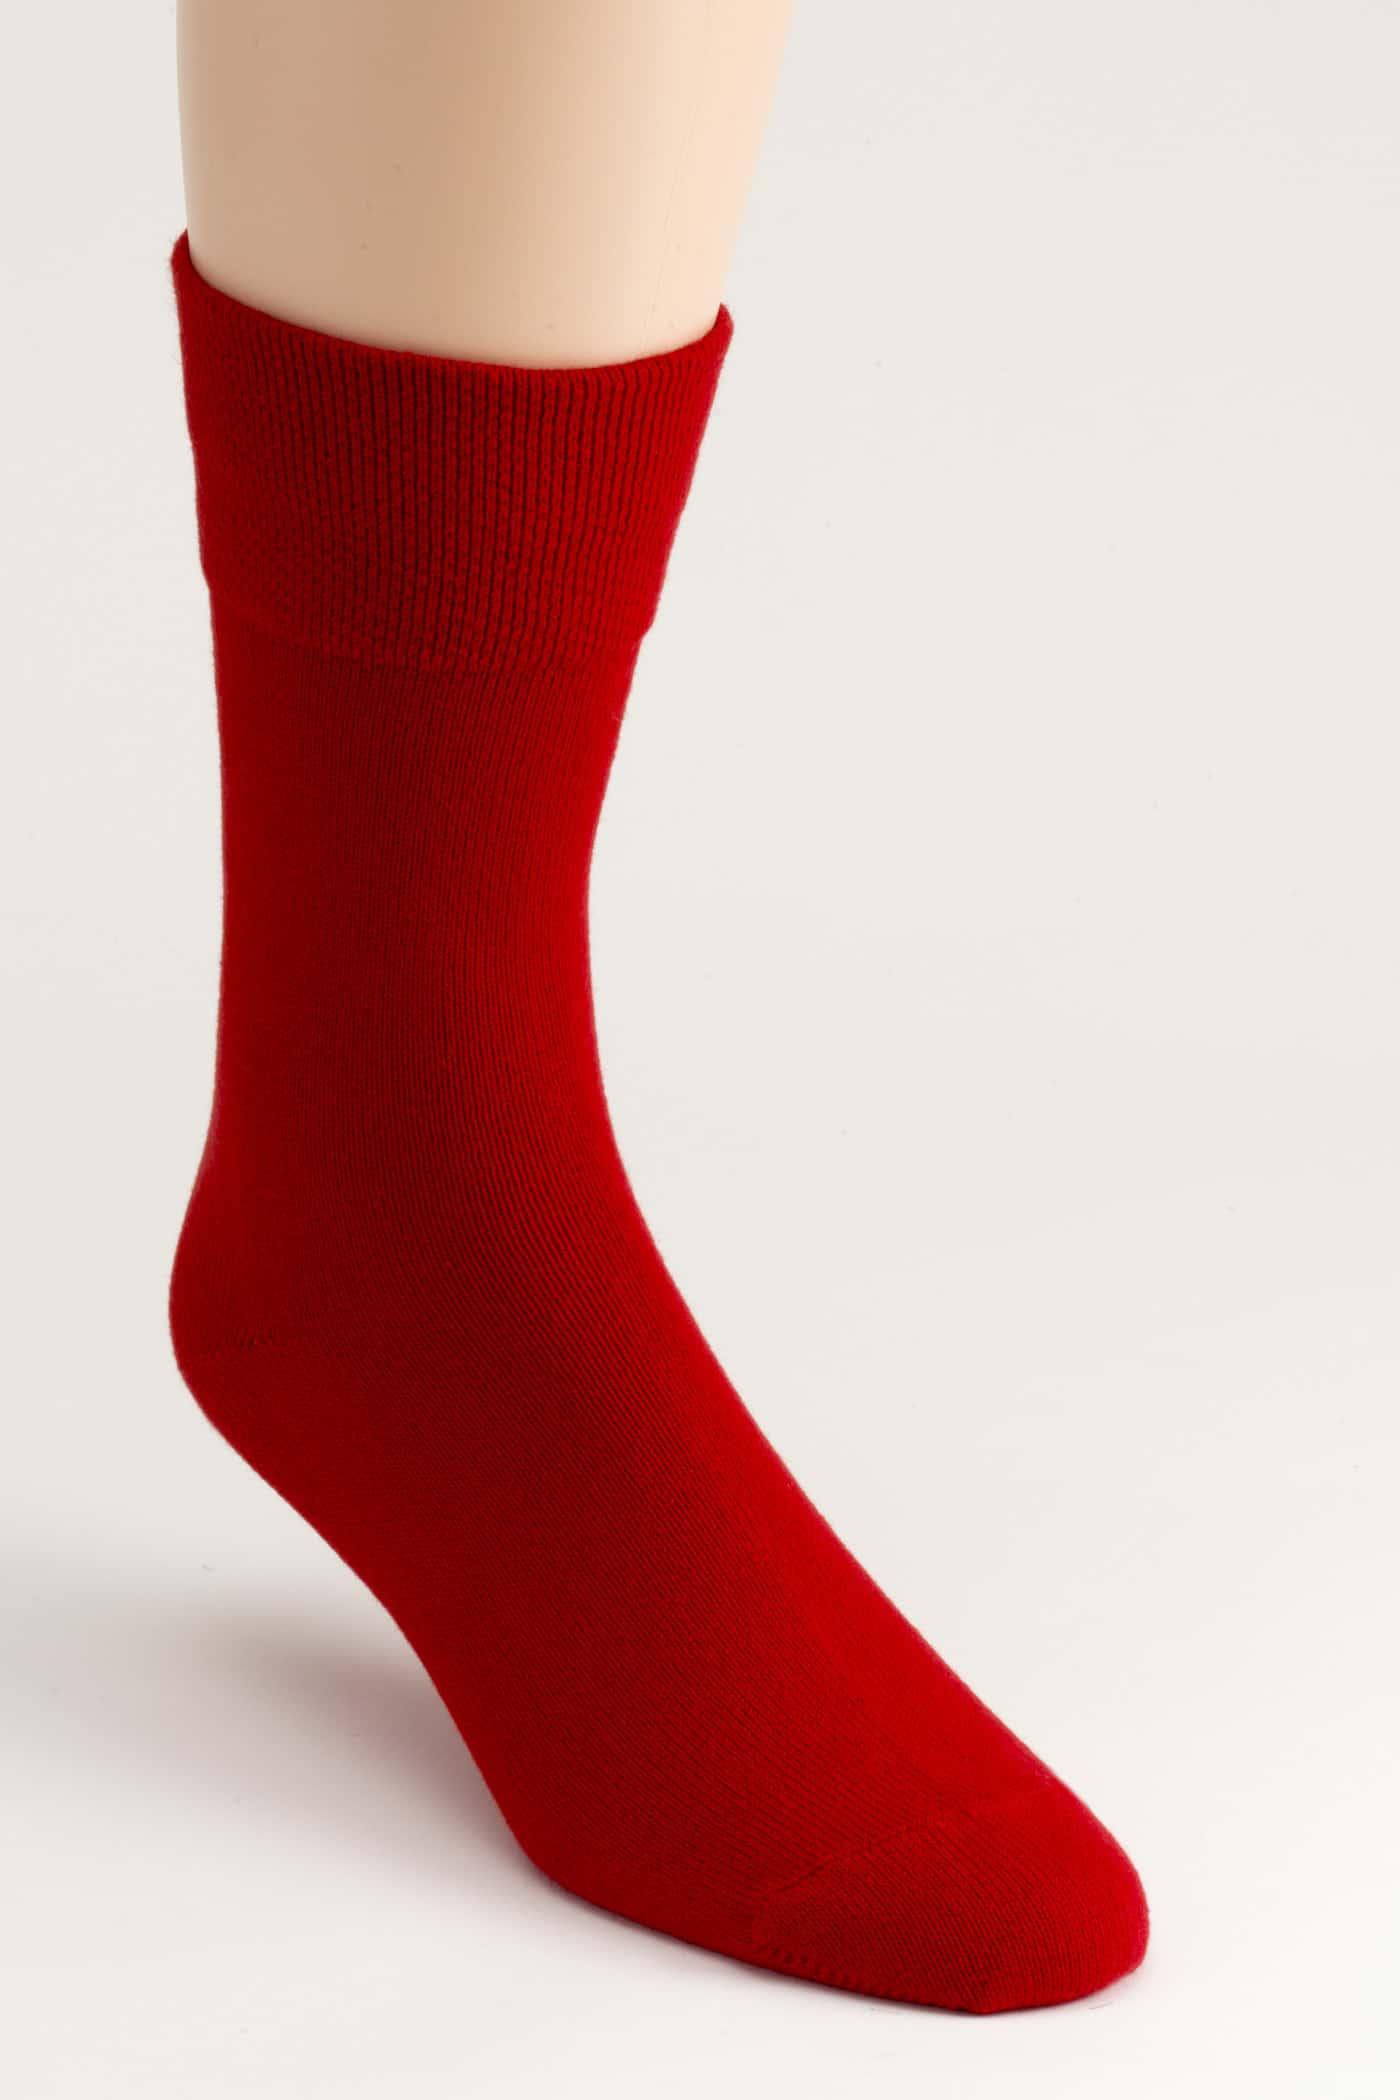 MGp-E-Red